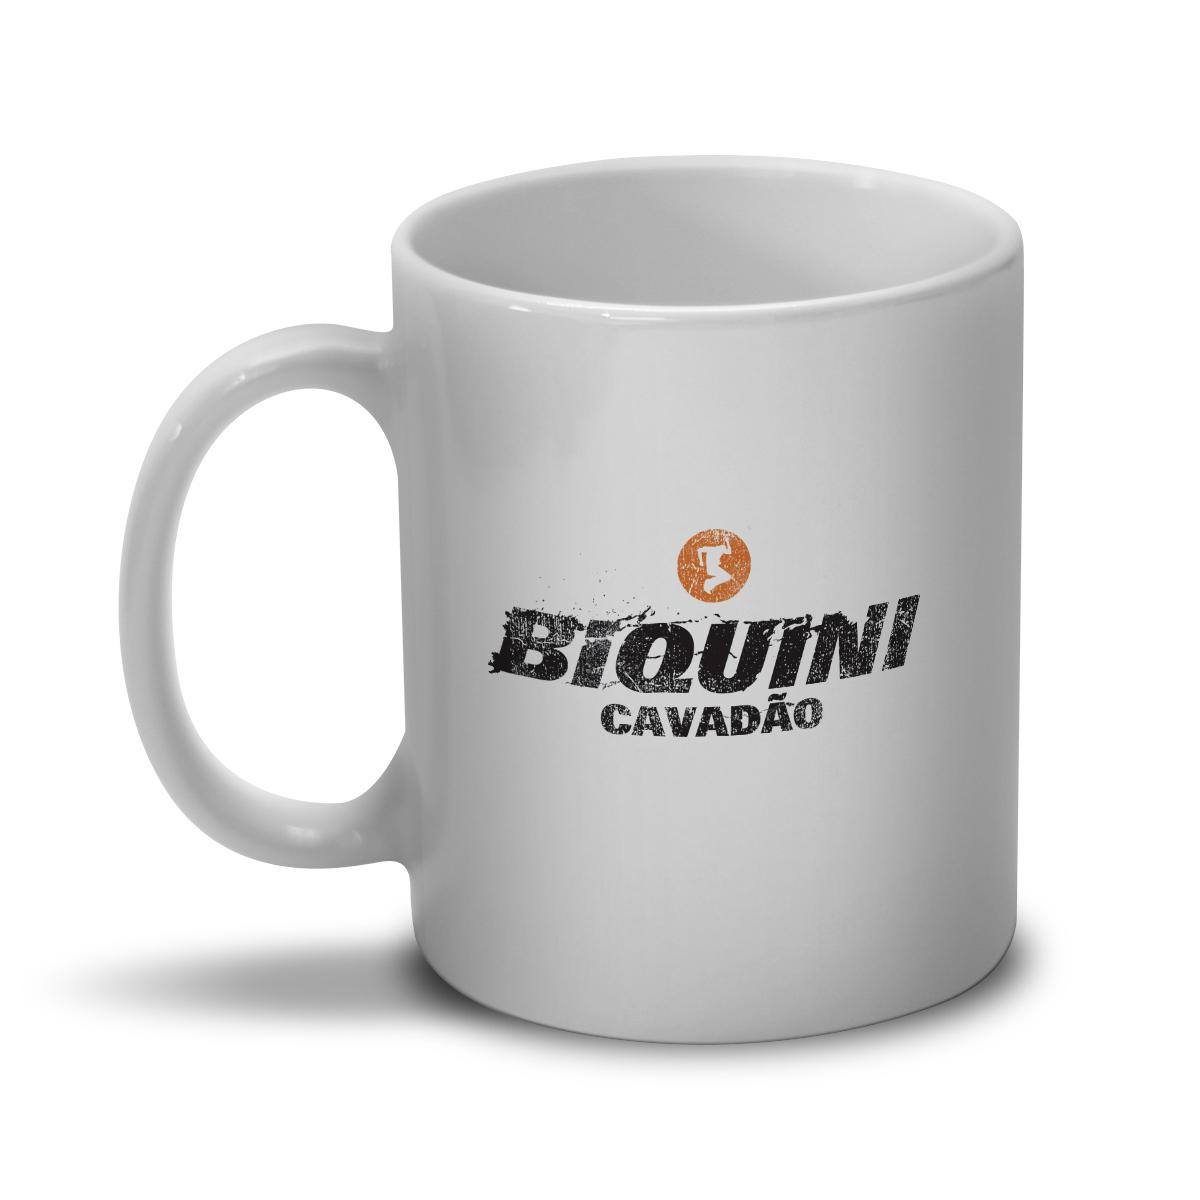 Caneca Biquini Cavadão 30 Anos